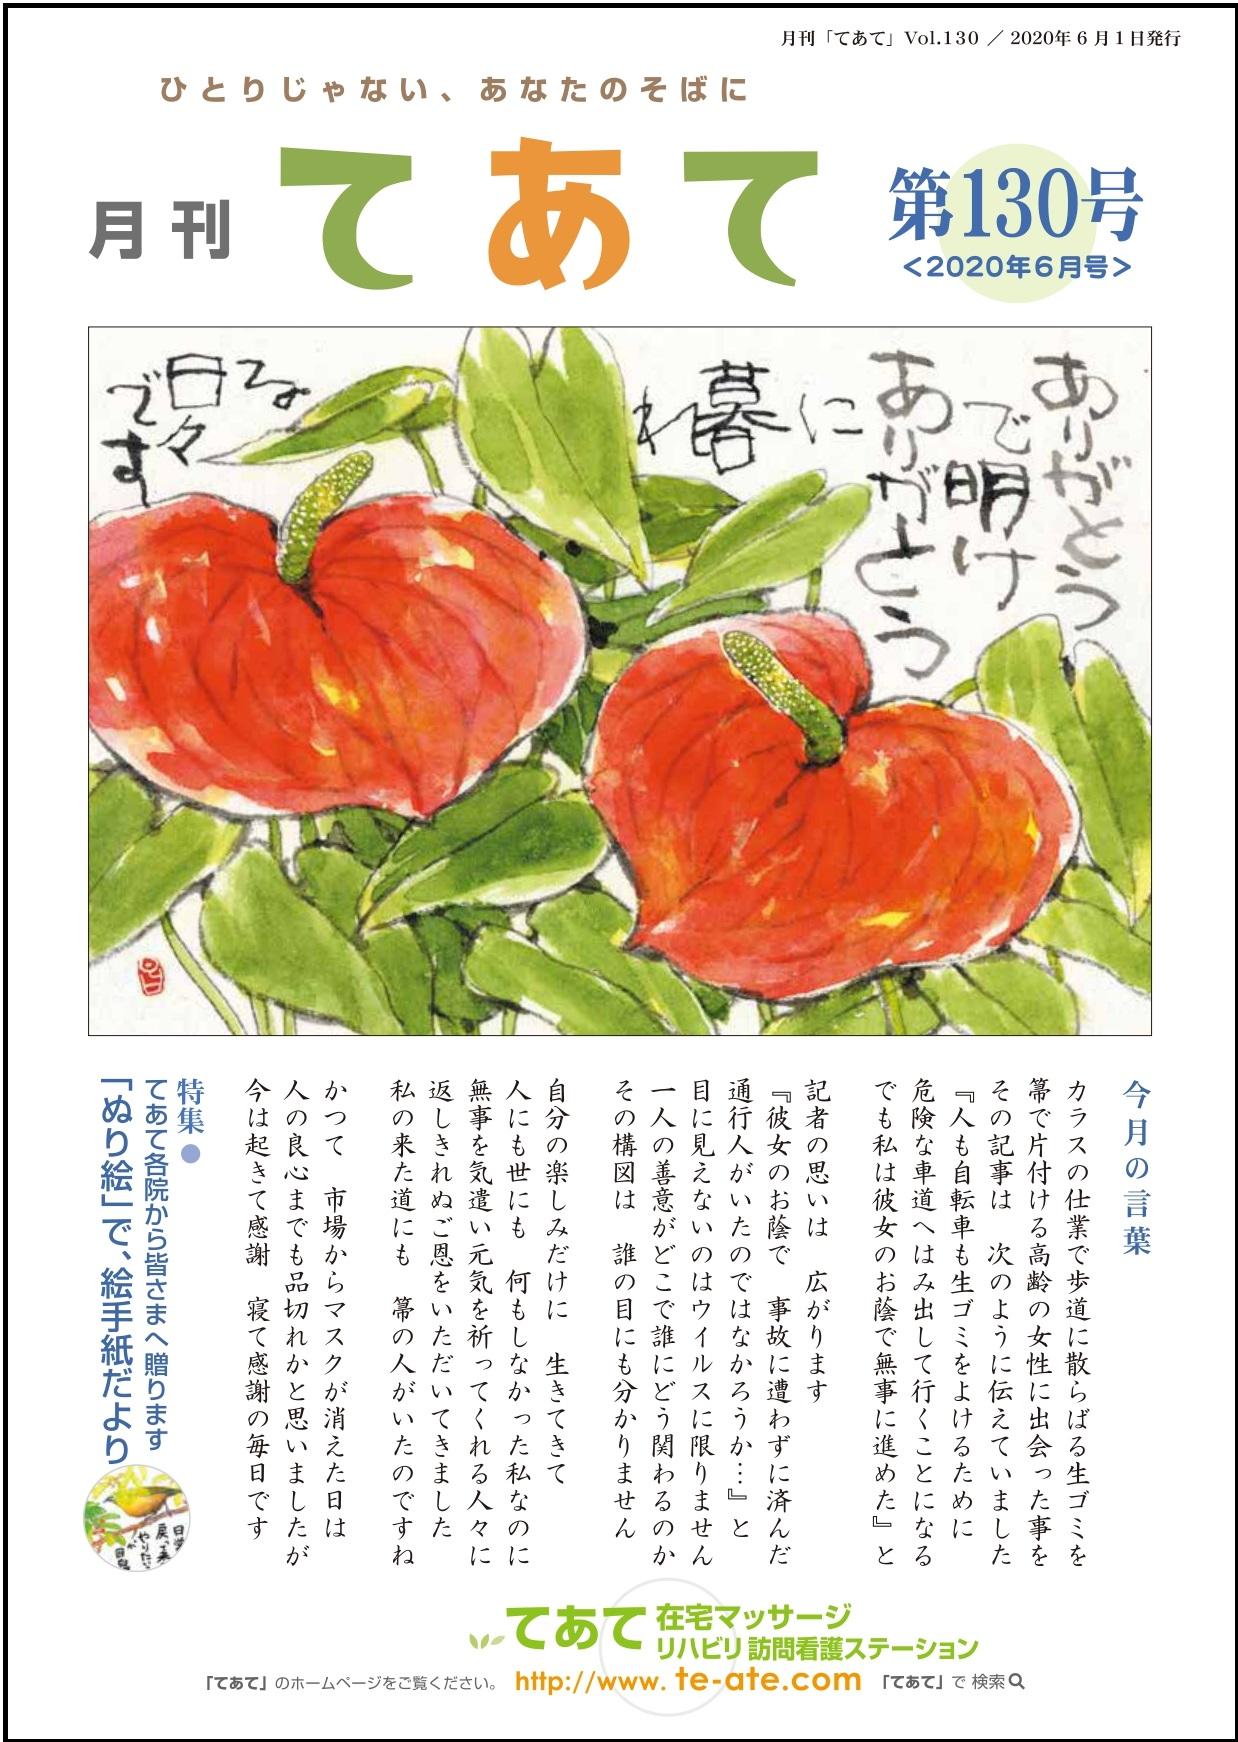 月刊てあて130号